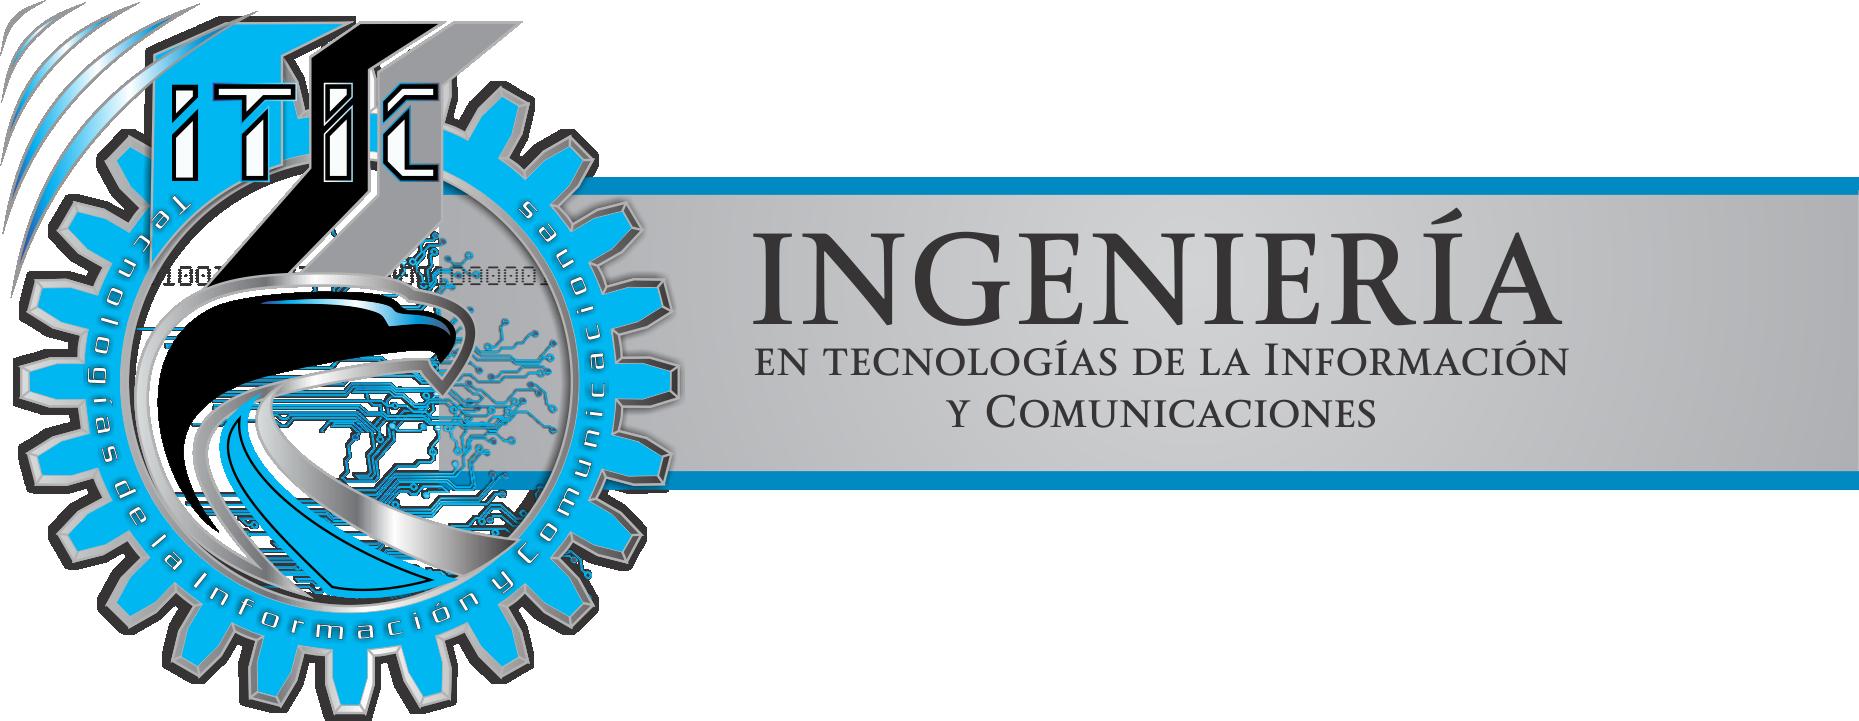 Ingeniería en Tecnologías de la Información y Comunicaciones